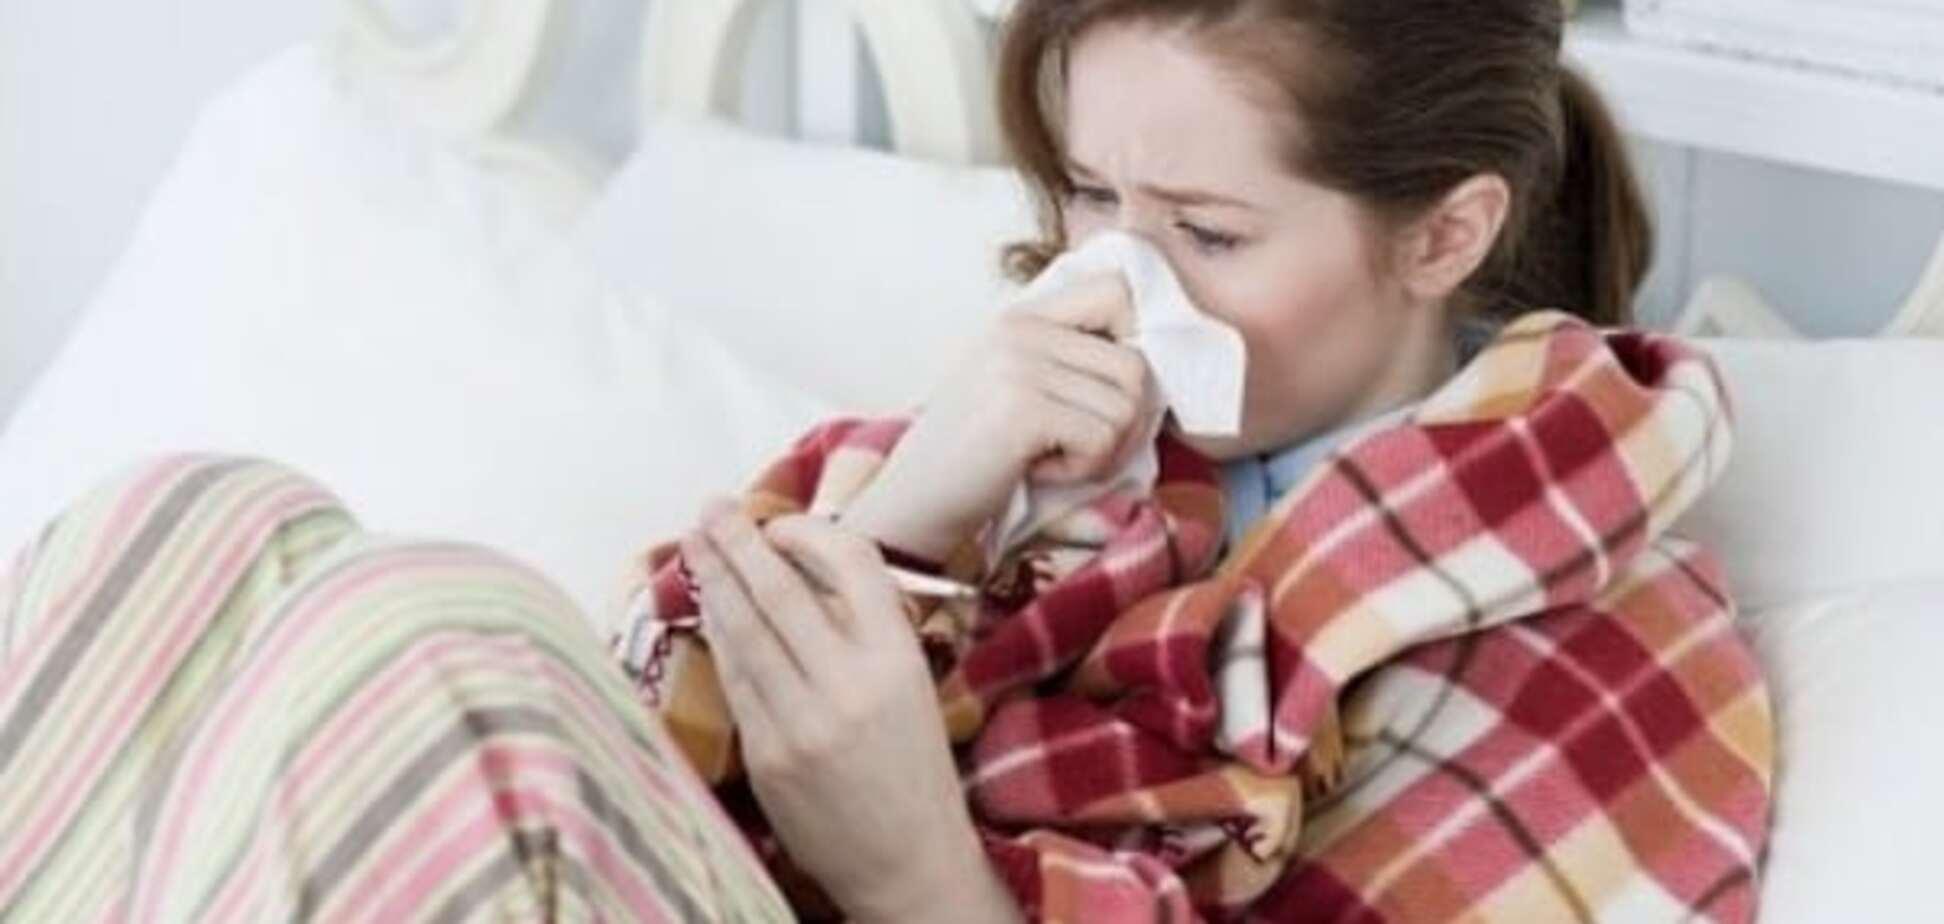 Неизвестная болезнь, похожая на грипп, 'косит' украинцев: симптомы